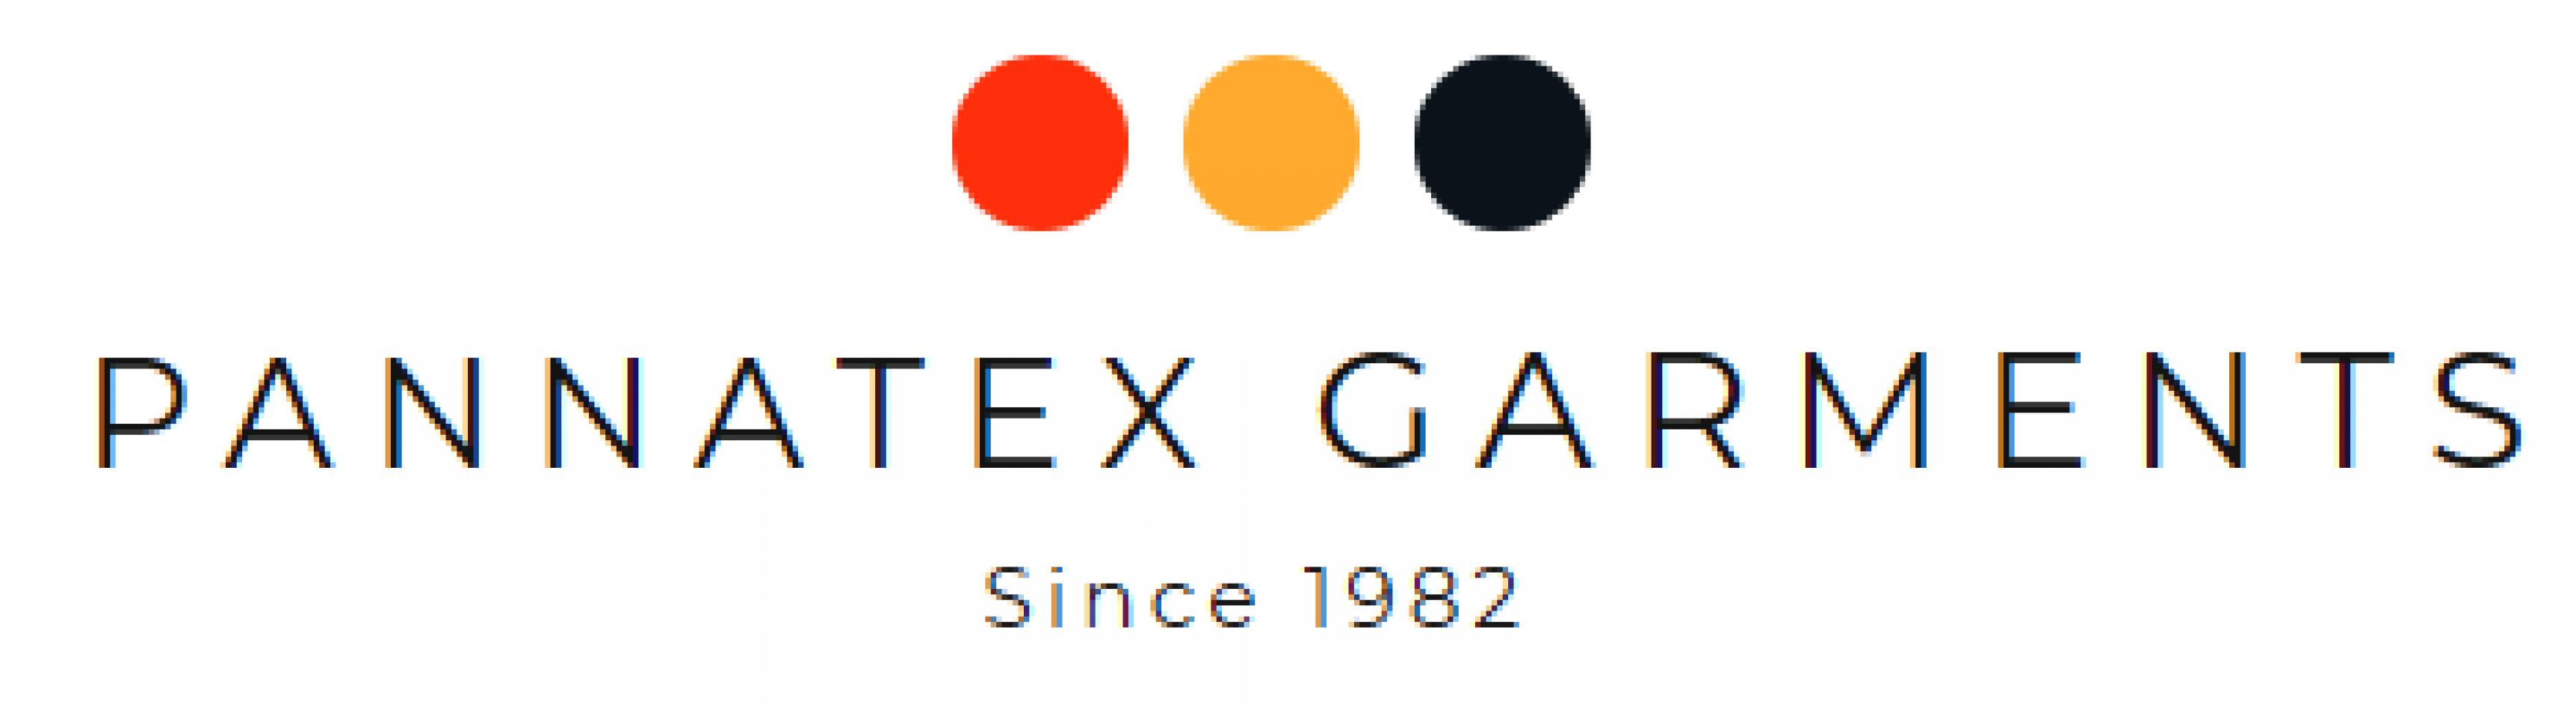 PANNATEX GARMENTS